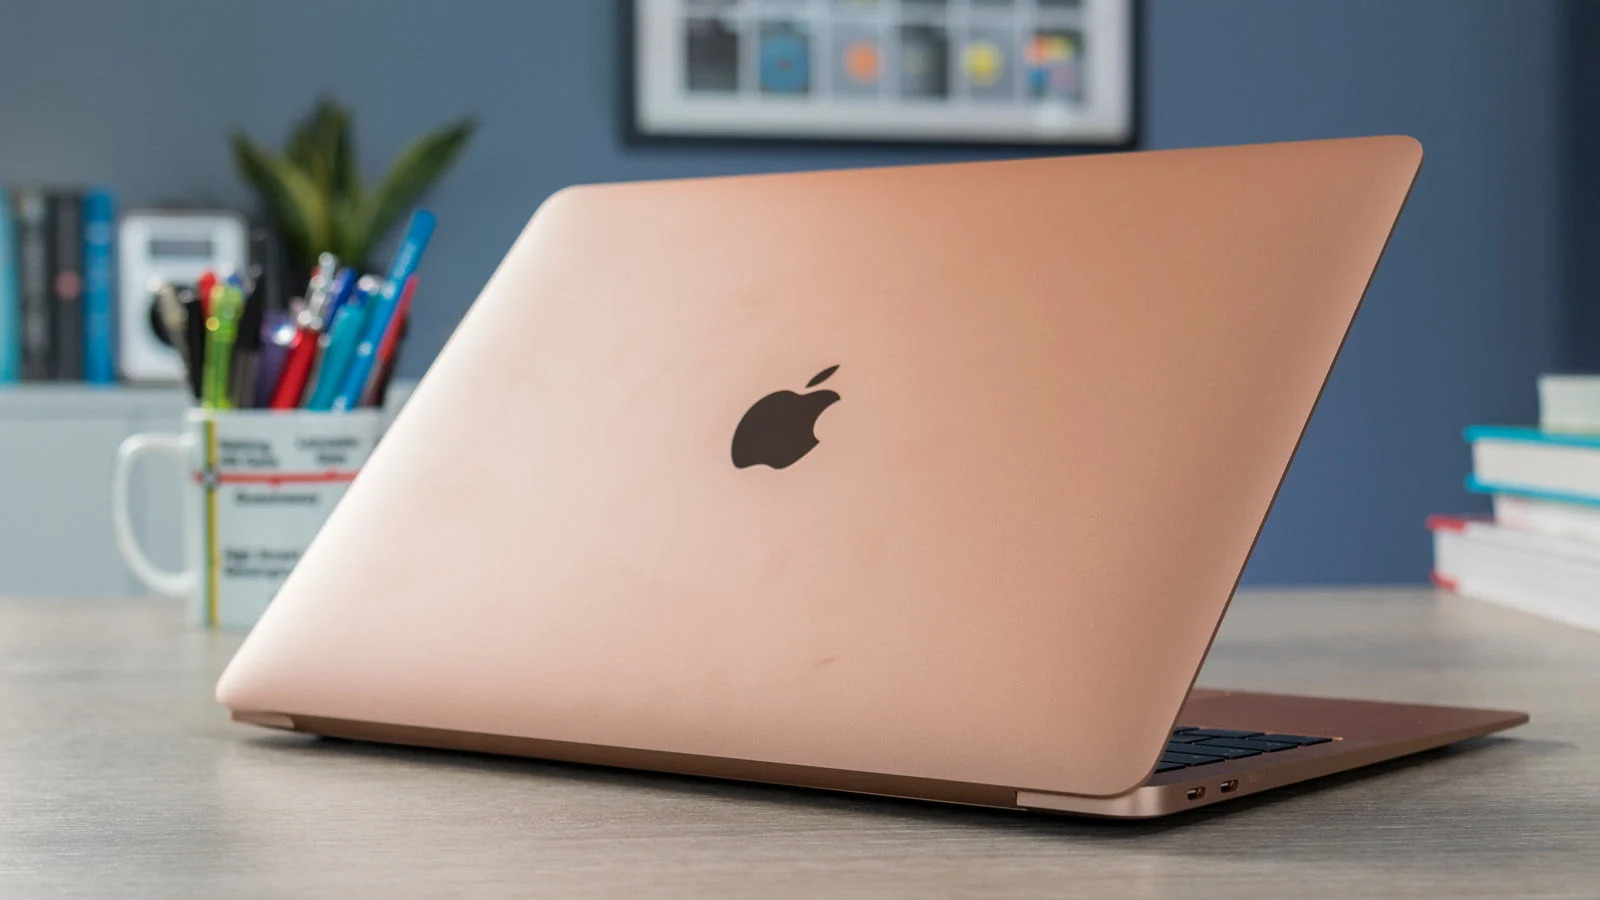 Đánh giá Apple MacBook Air 2020: chiếc Macbook tốt nhất cho số đông người  dùng - VnReview - Đánh giá